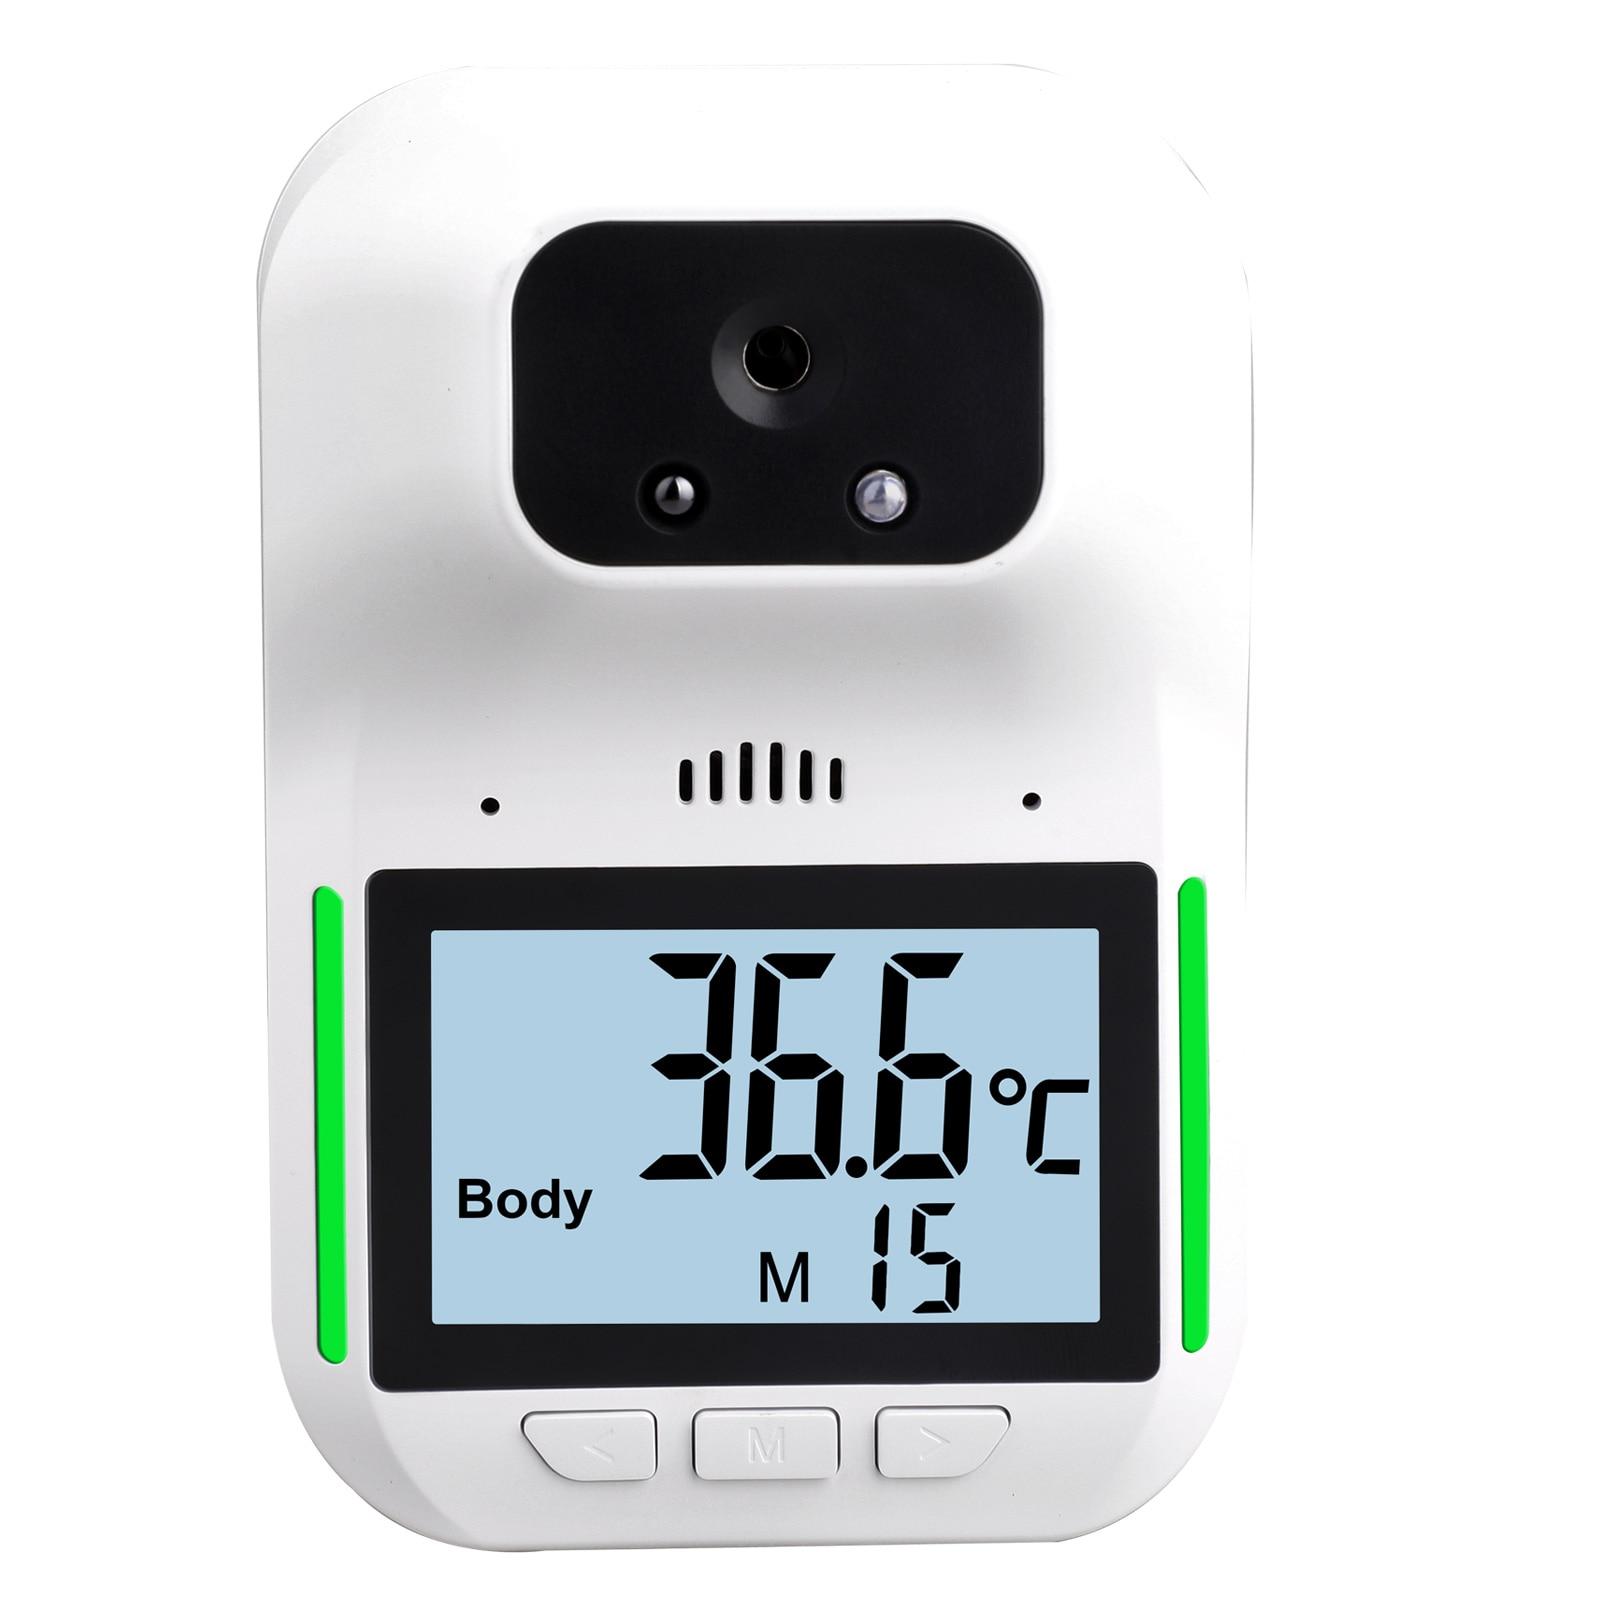 Sensor de Temperatura Laser com Alarme Fixado na Parede k3 sem Contato Termômetro Infravermelho Digital Pro Testa Mão Arma Febre Hk3 –